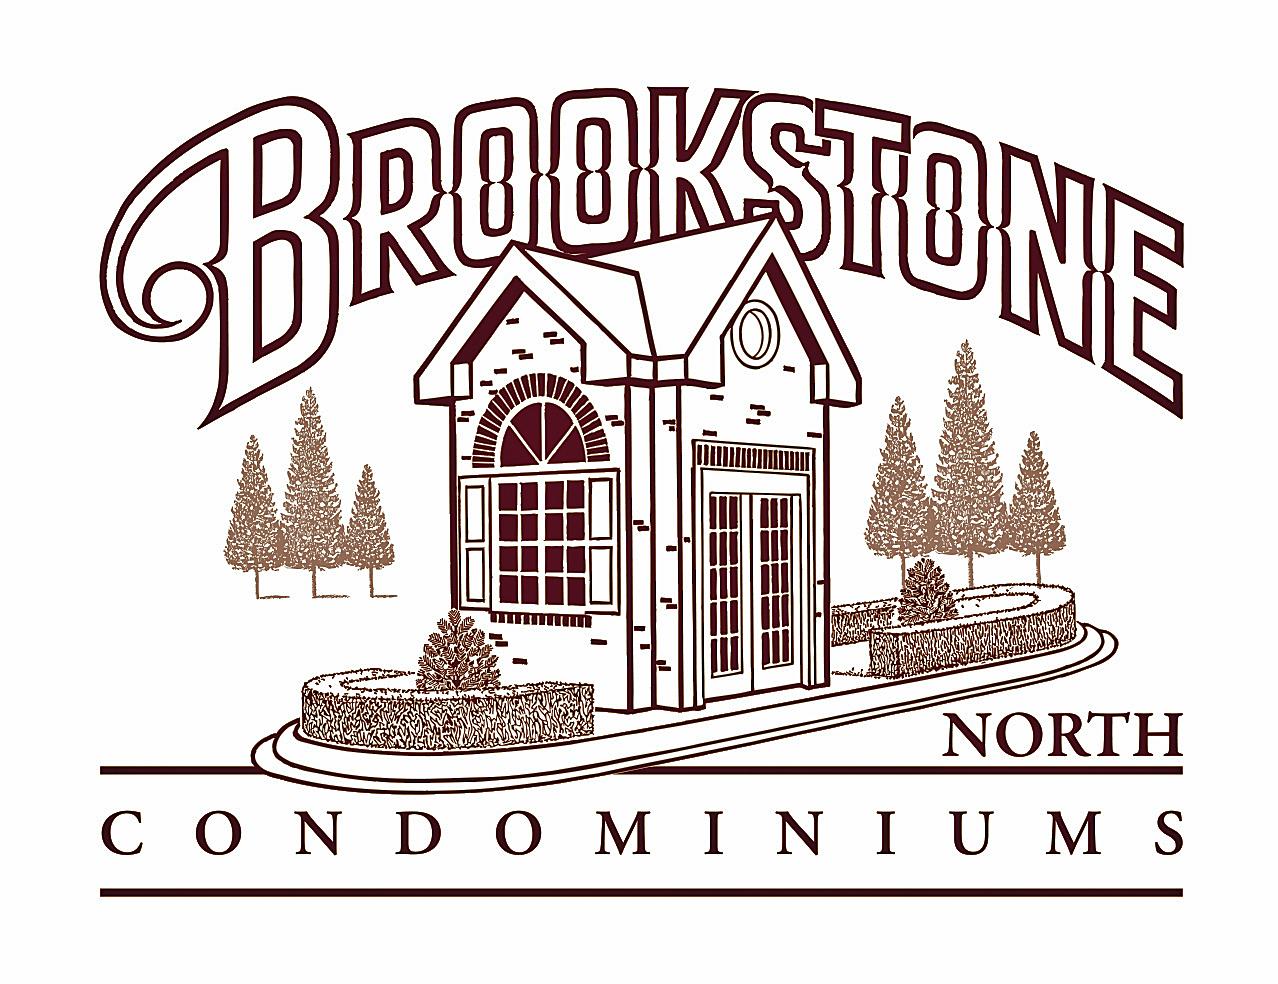 Brookstone Condos